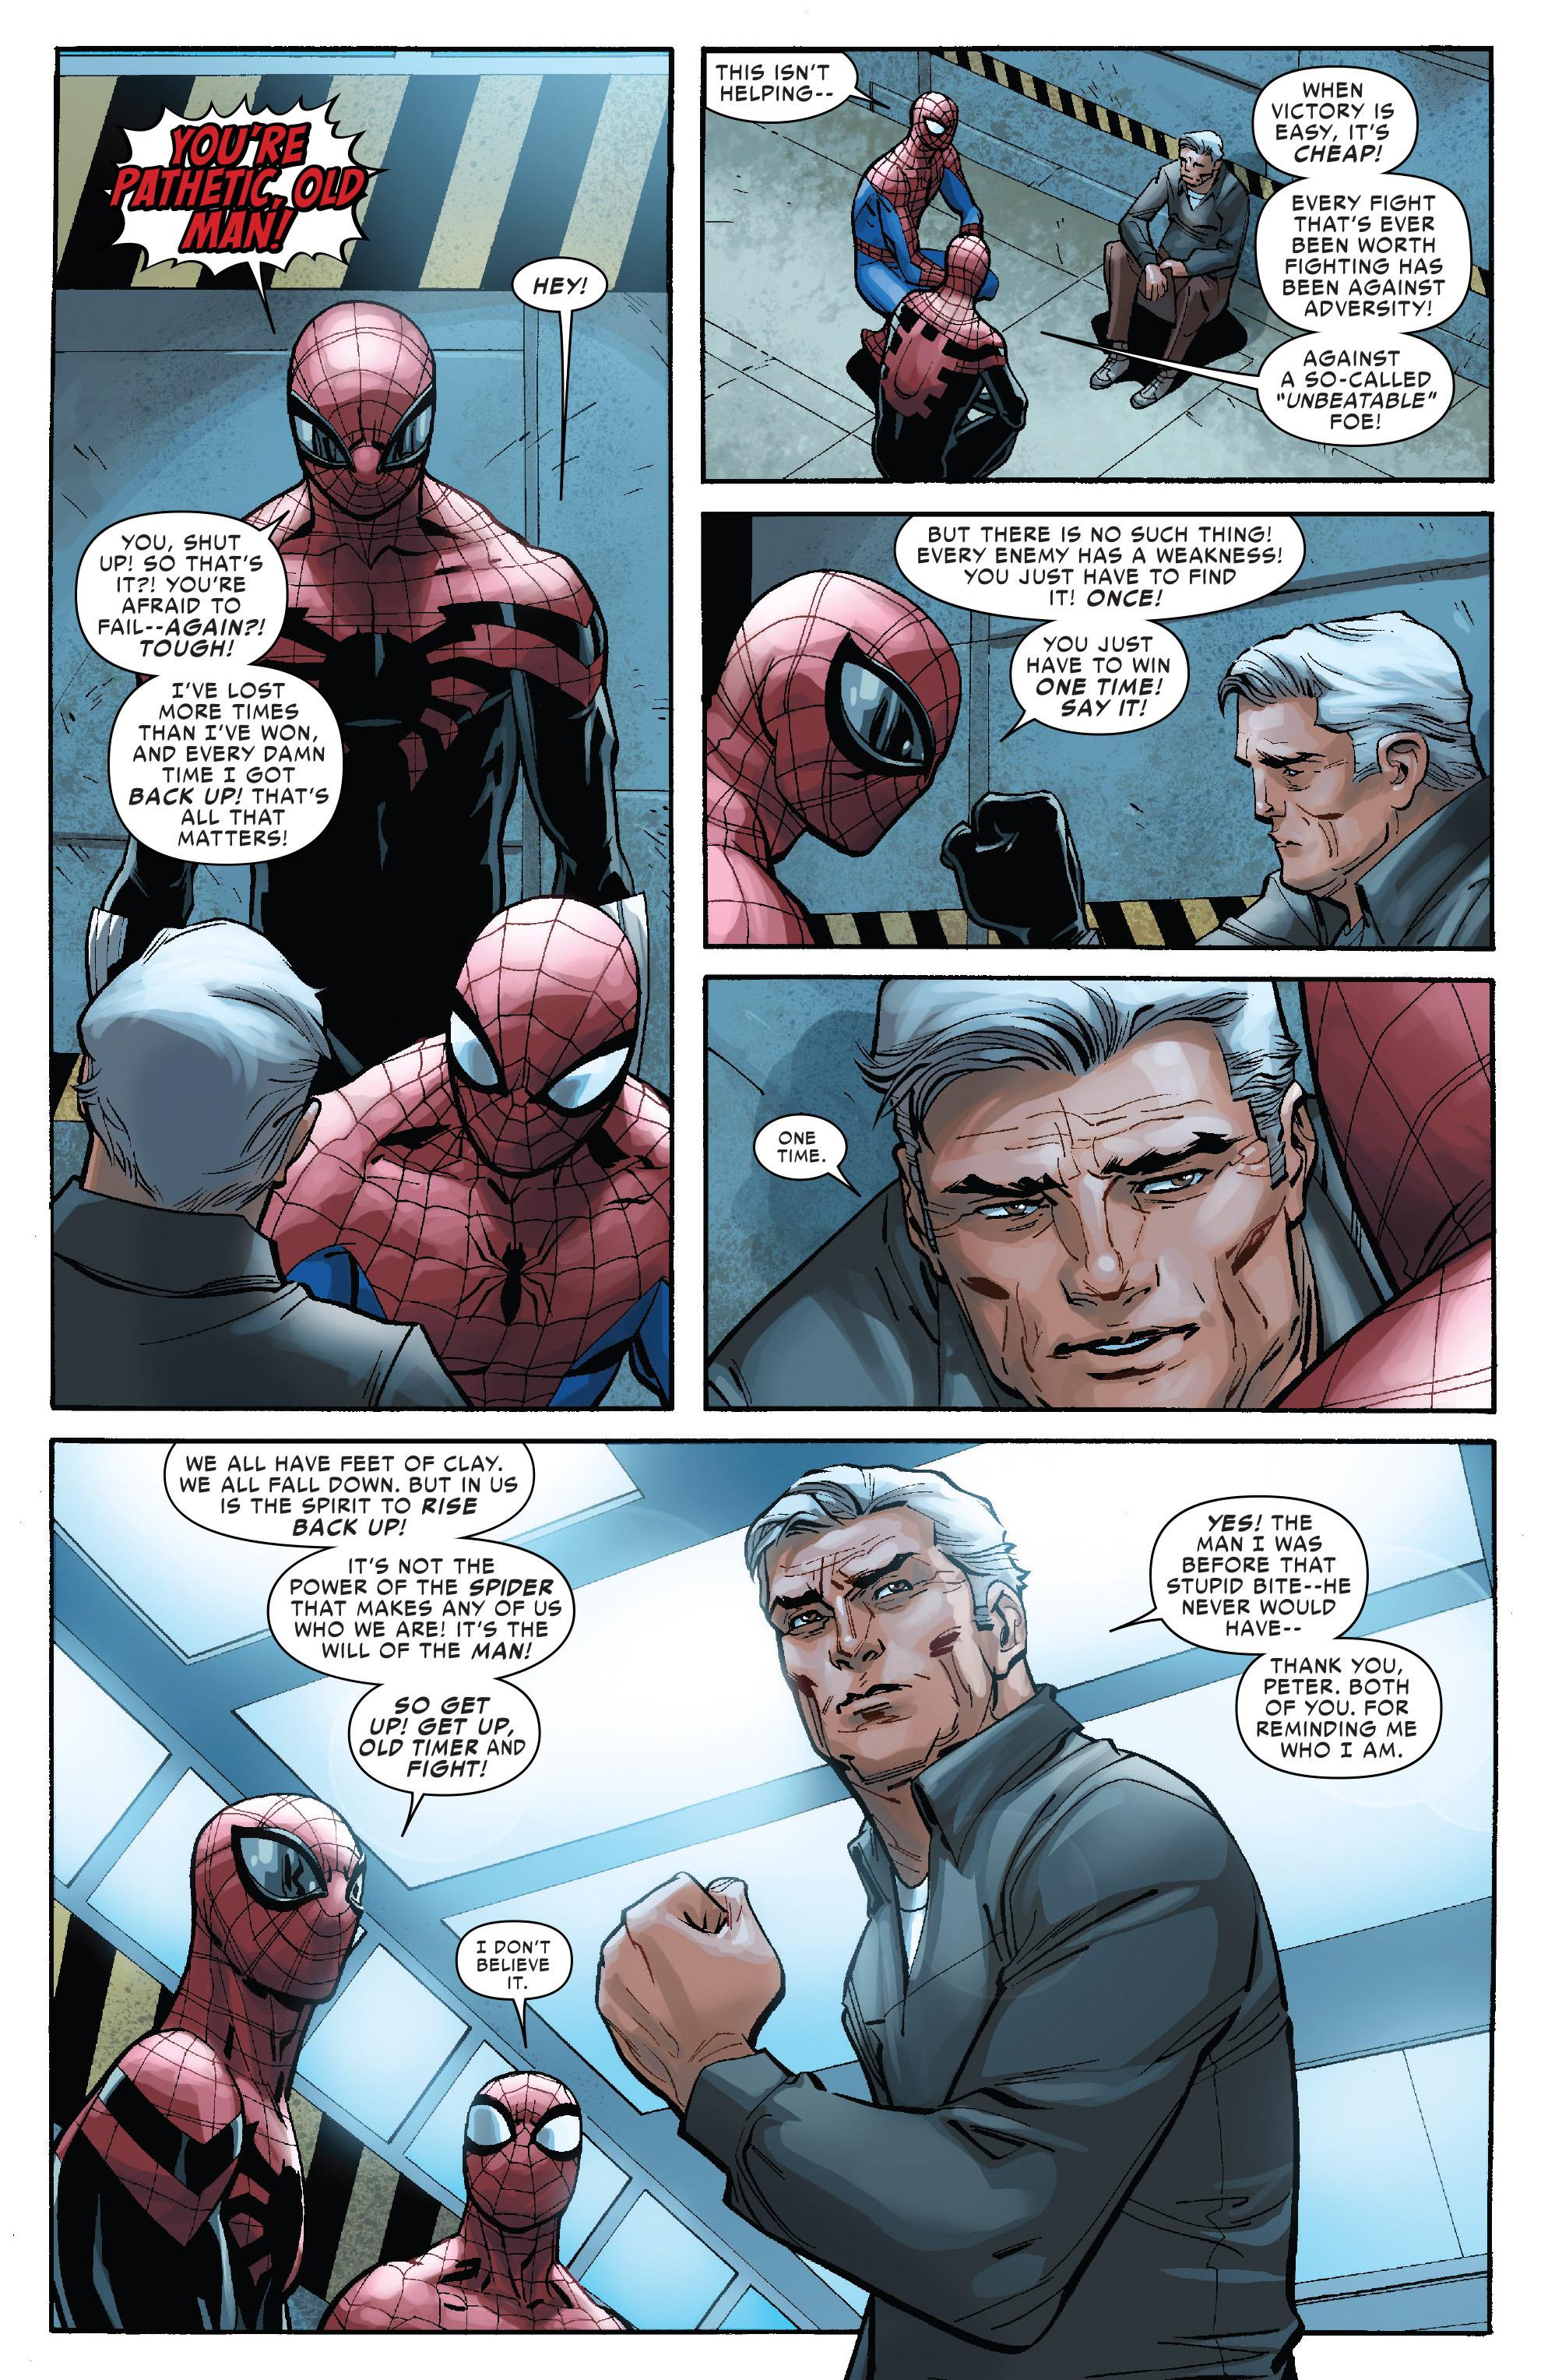 AmazingSpider-Man(2014)#13--p20